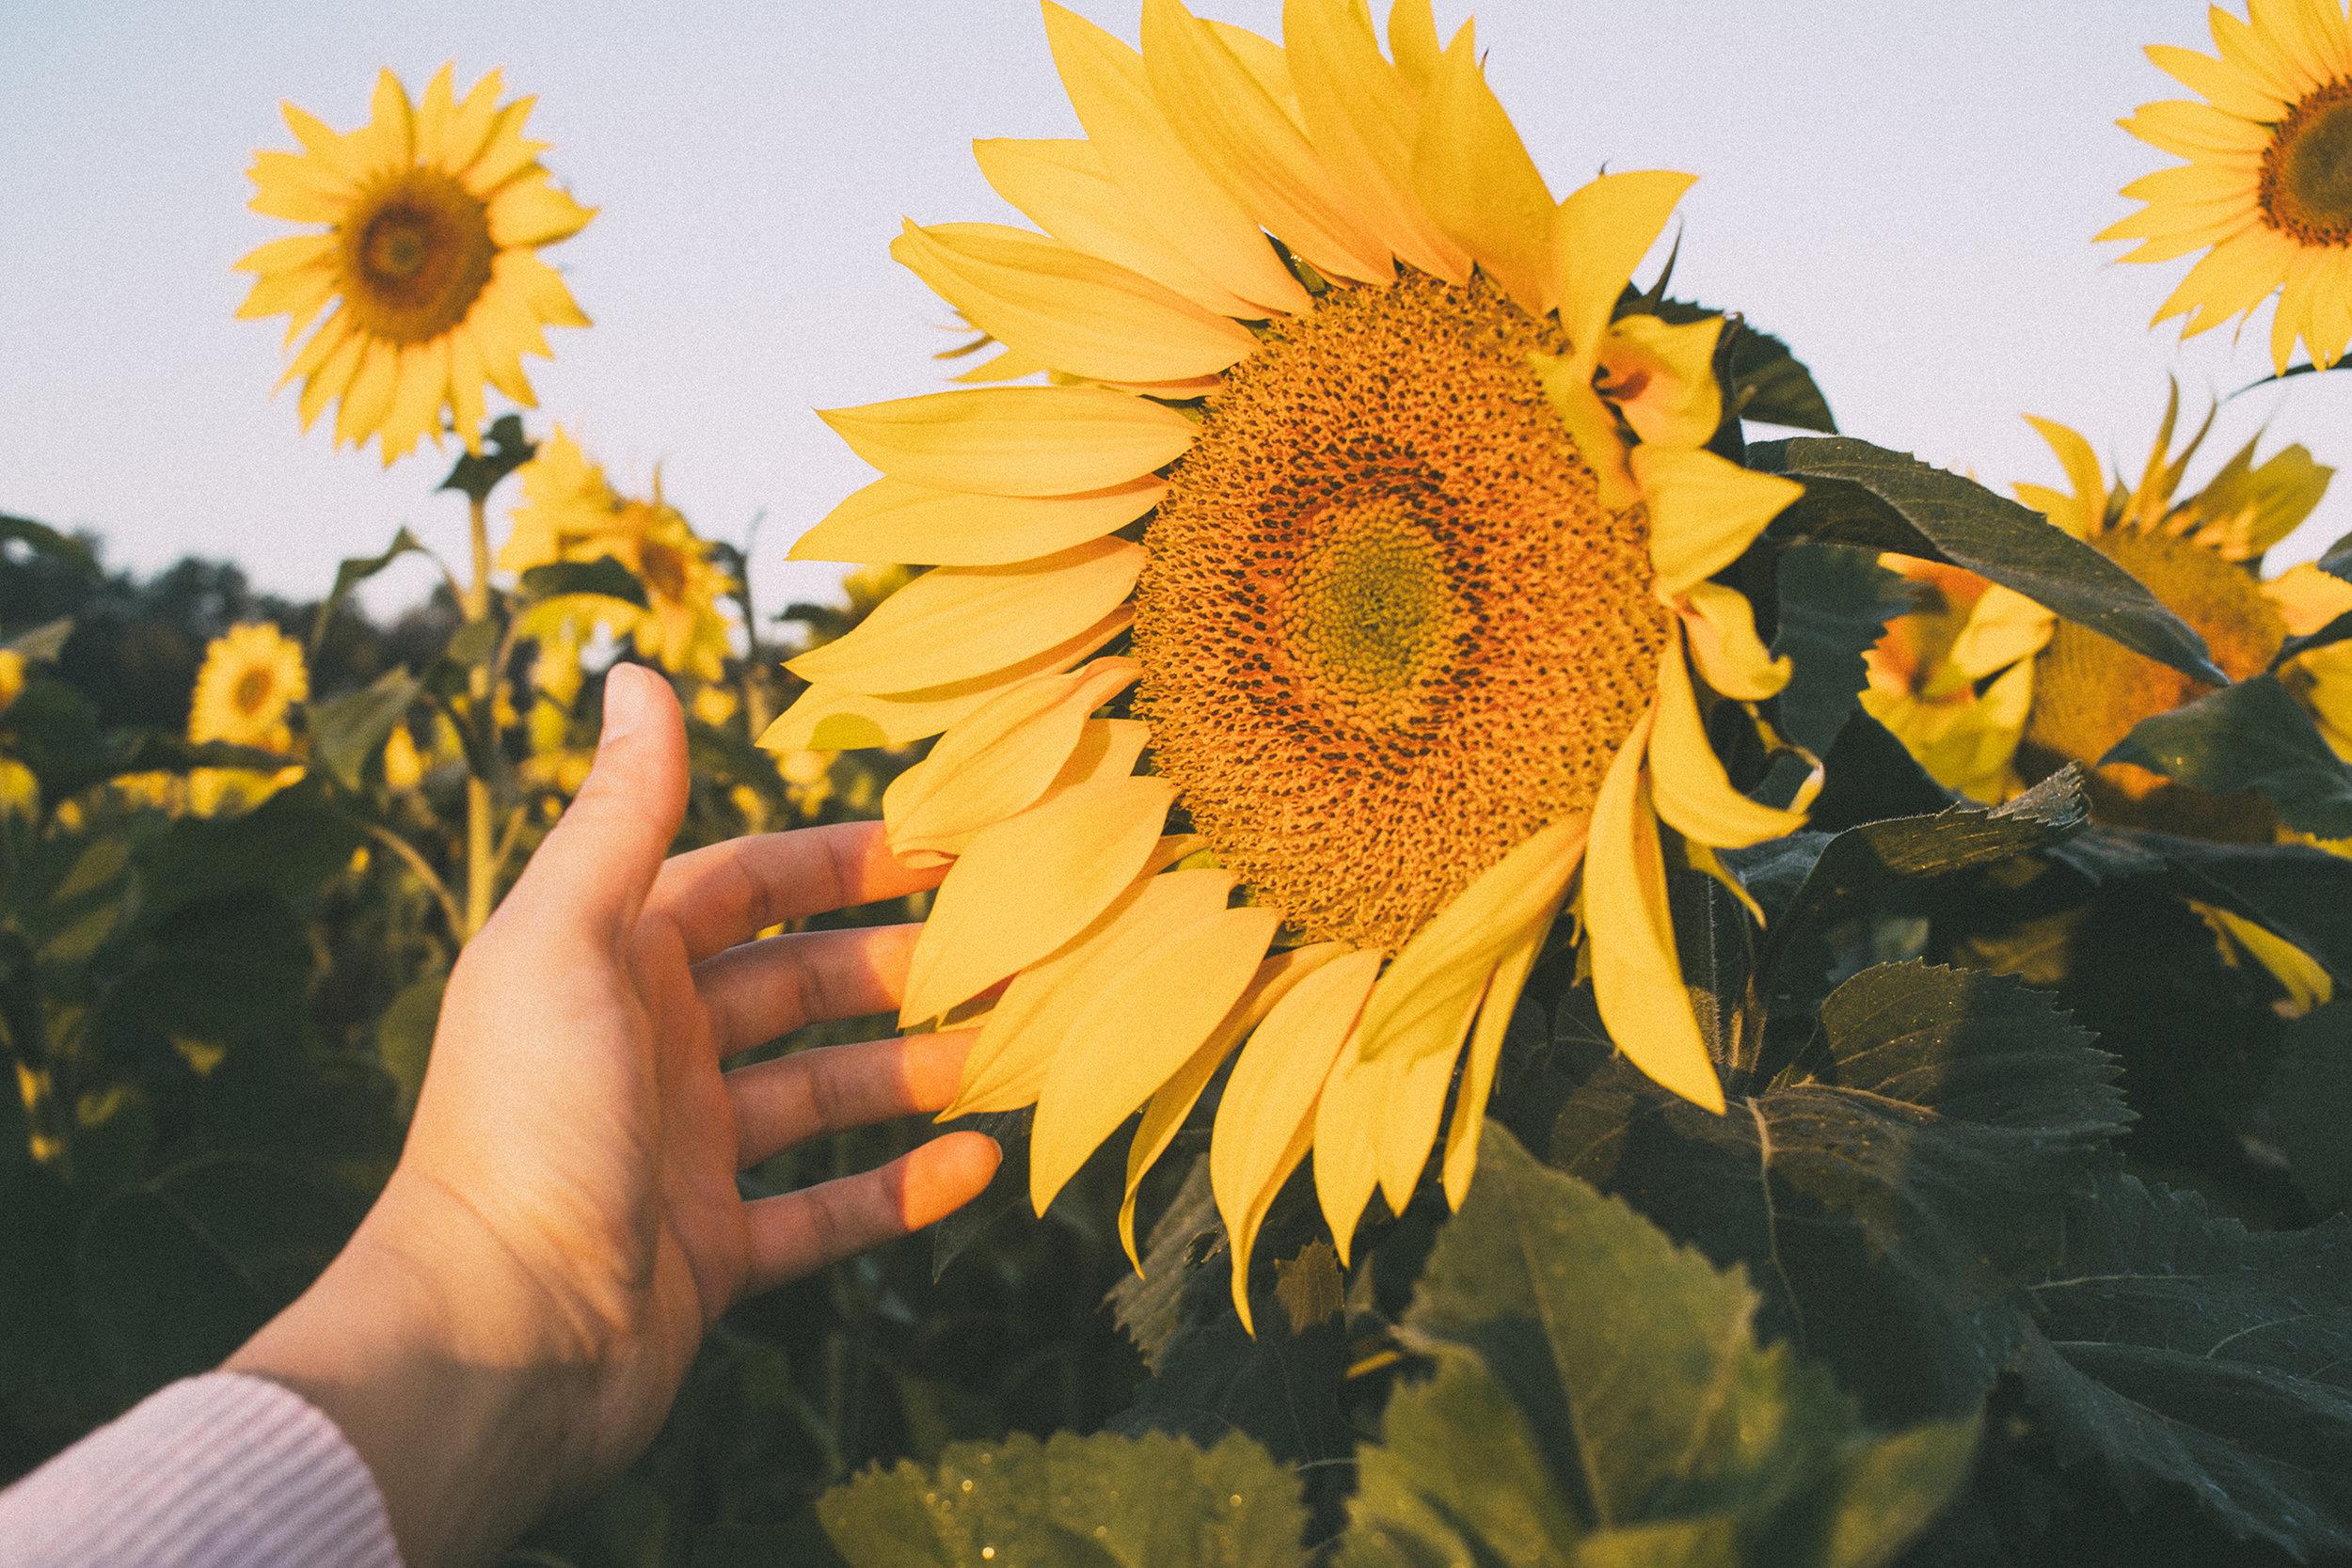 AvonOHSunflowers_09232017_167.jpg